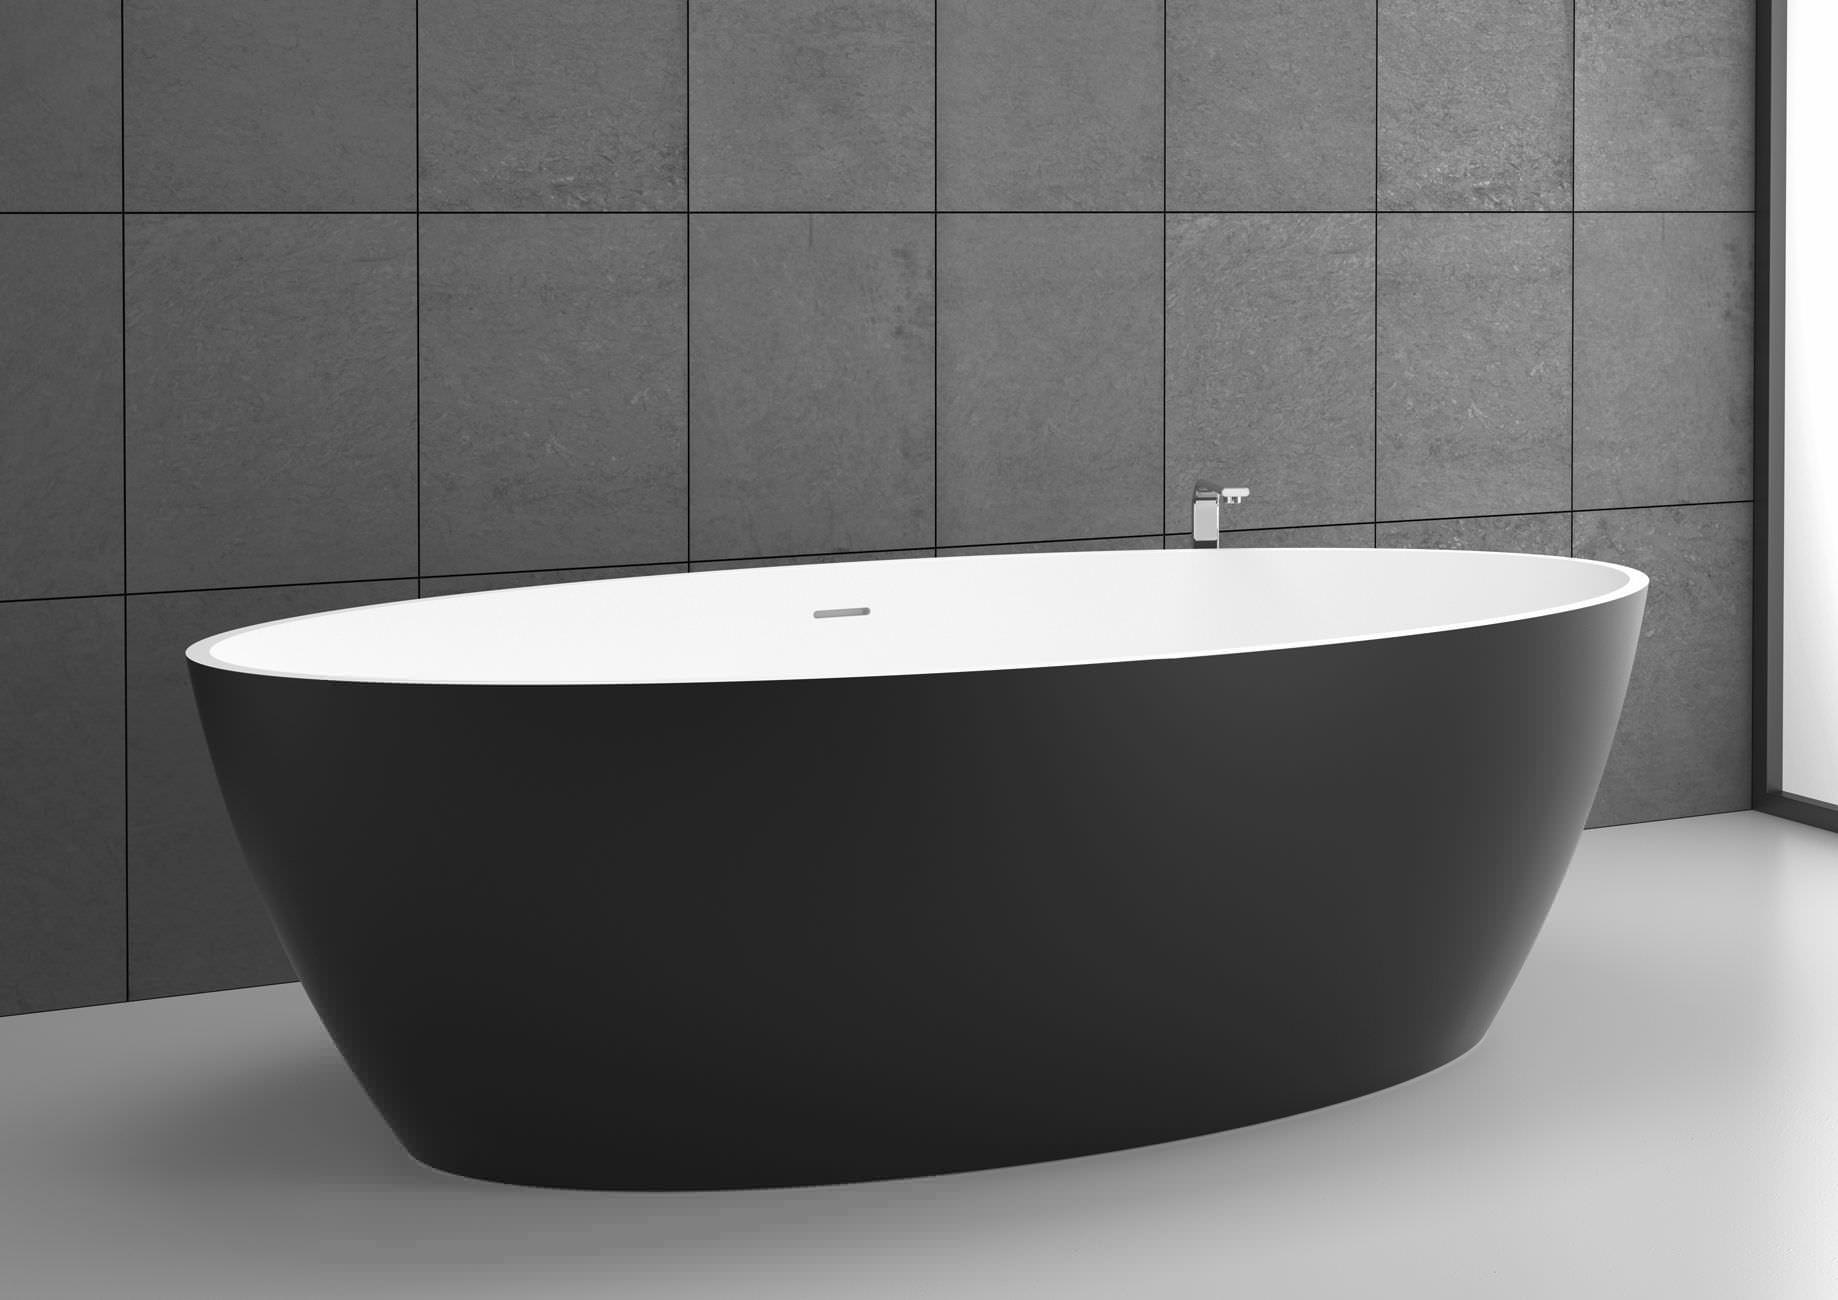 Vasca Da Appoggio Piccola : Vasca da bagno da appoggio ovale in solid surface space